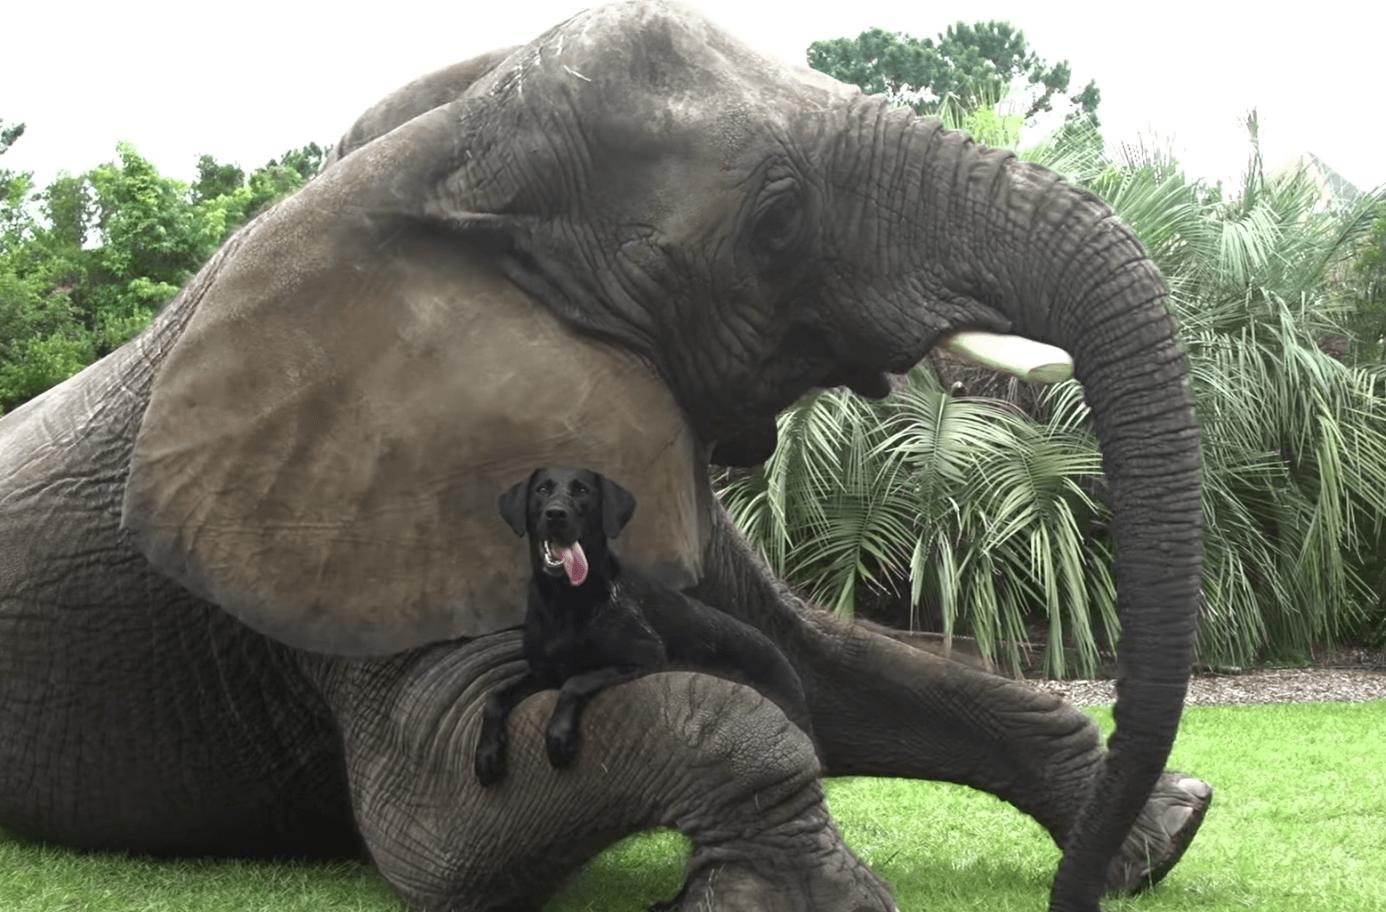 Elephant and labrador